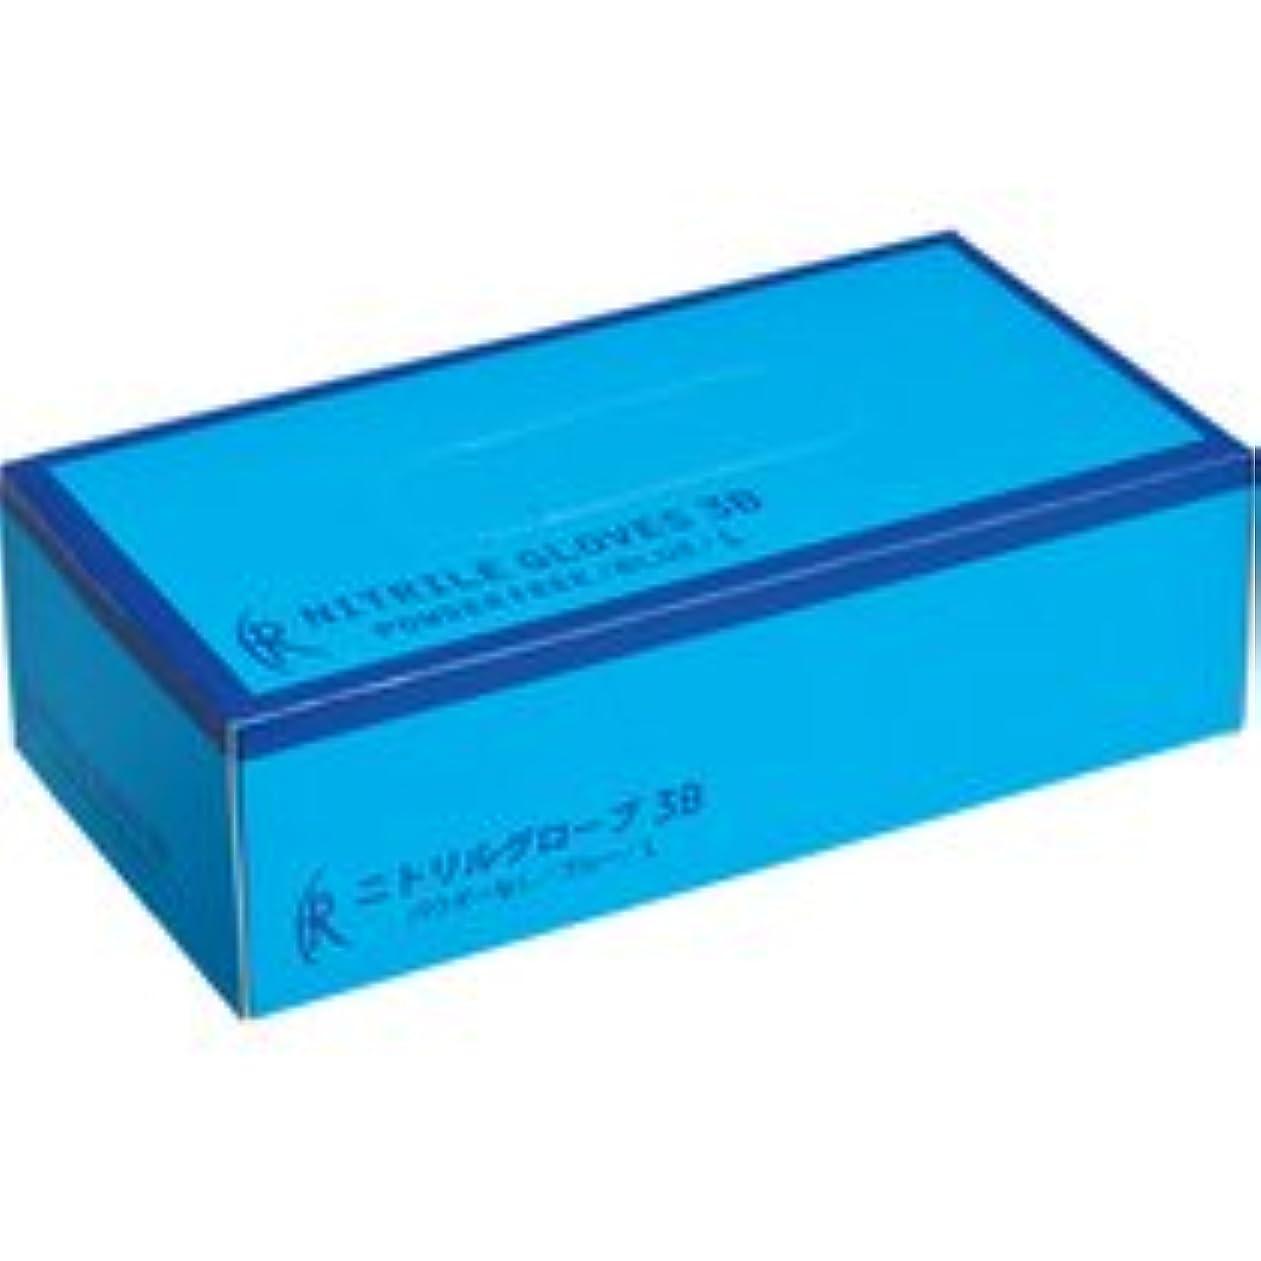 名前を作る過去スタックファーストレイト ニトリルグローブ3B パウダーフリー L FR-5663 1箱(200枚)